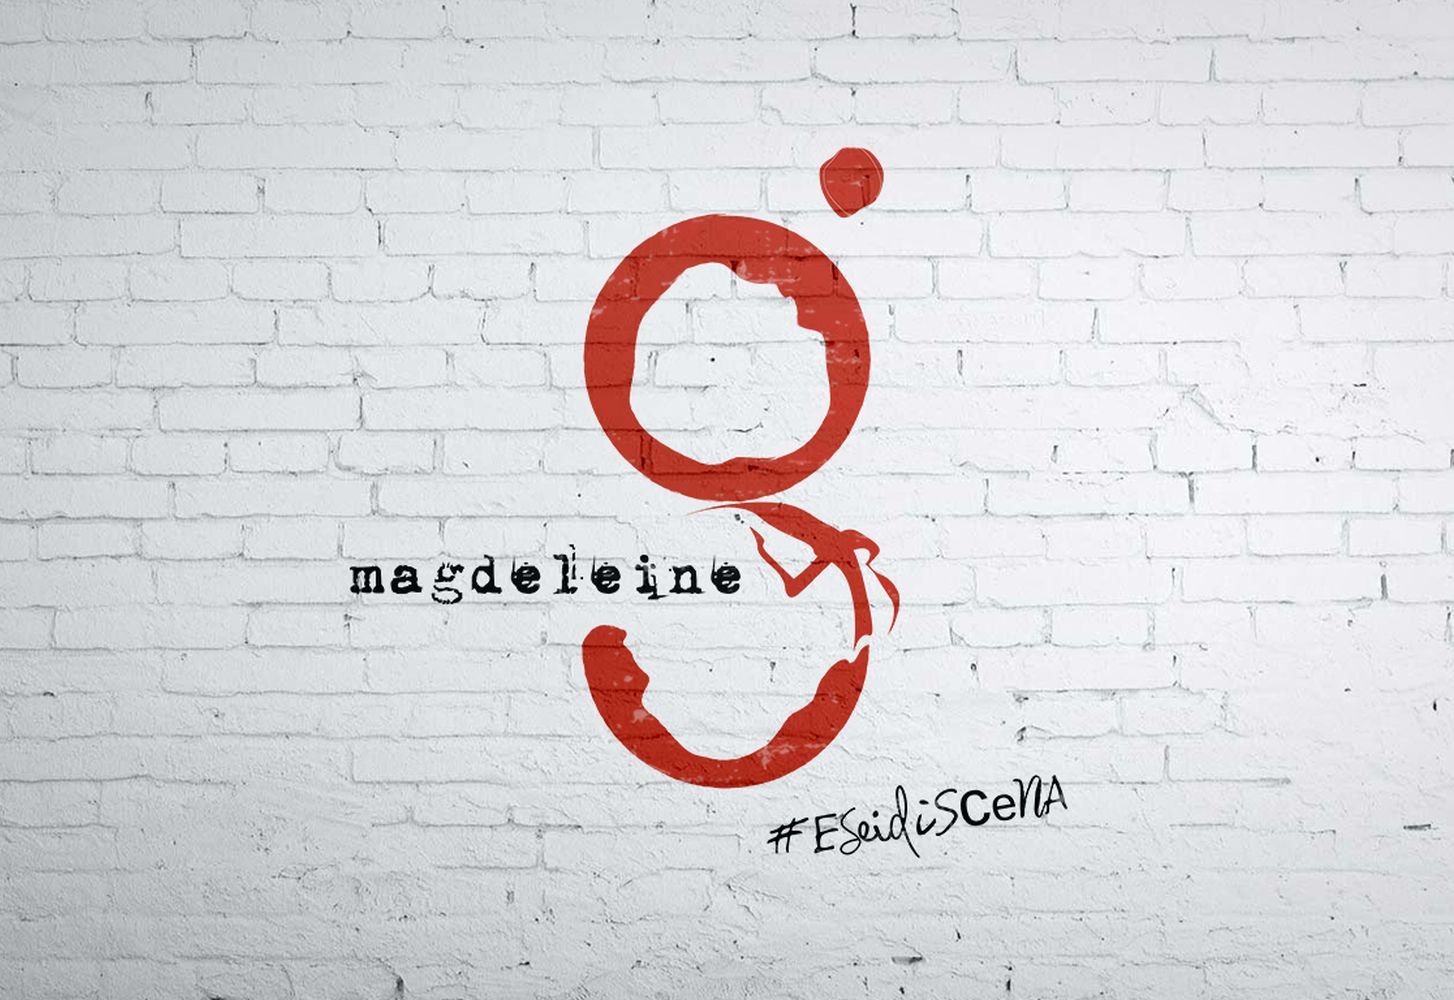 BSide_portfolio_Logo_Magdeleine